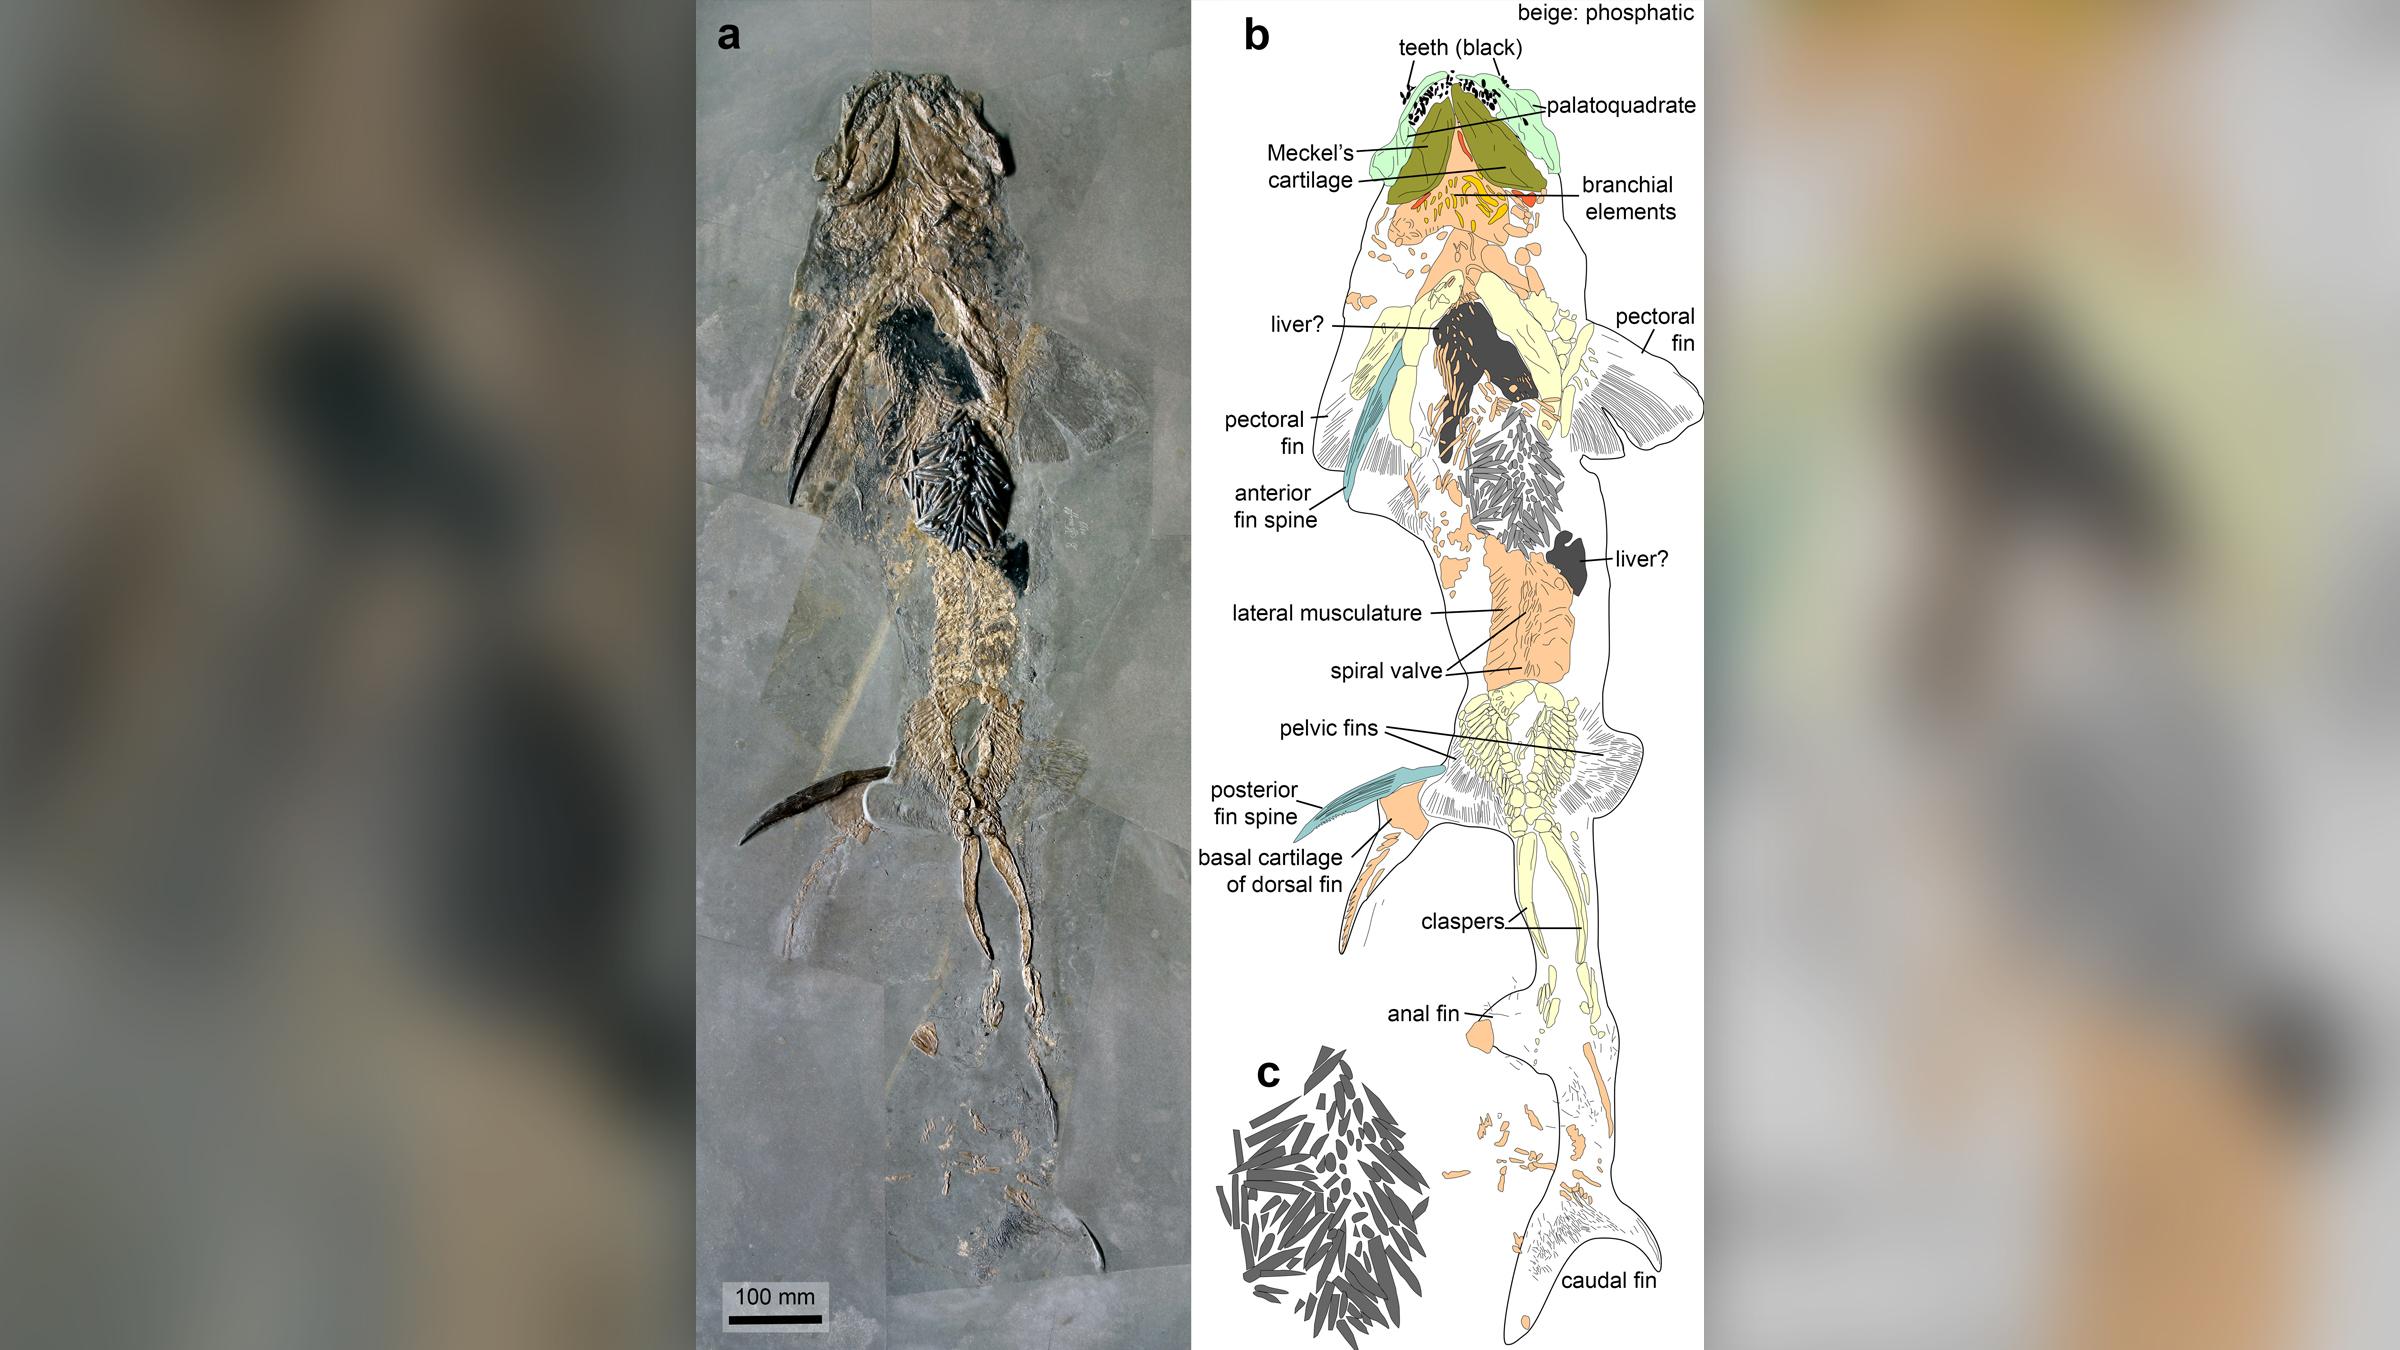 Le fossile (à gauche) et l'illustration (à droite) du requin jurassique (Hybodus hauffianus) qui a mangé beaucoup trop de rostra de bélemnite, ce qui a probablement conduit à sa mort.  Remarquez (C) le dessin agrandi du rostra.